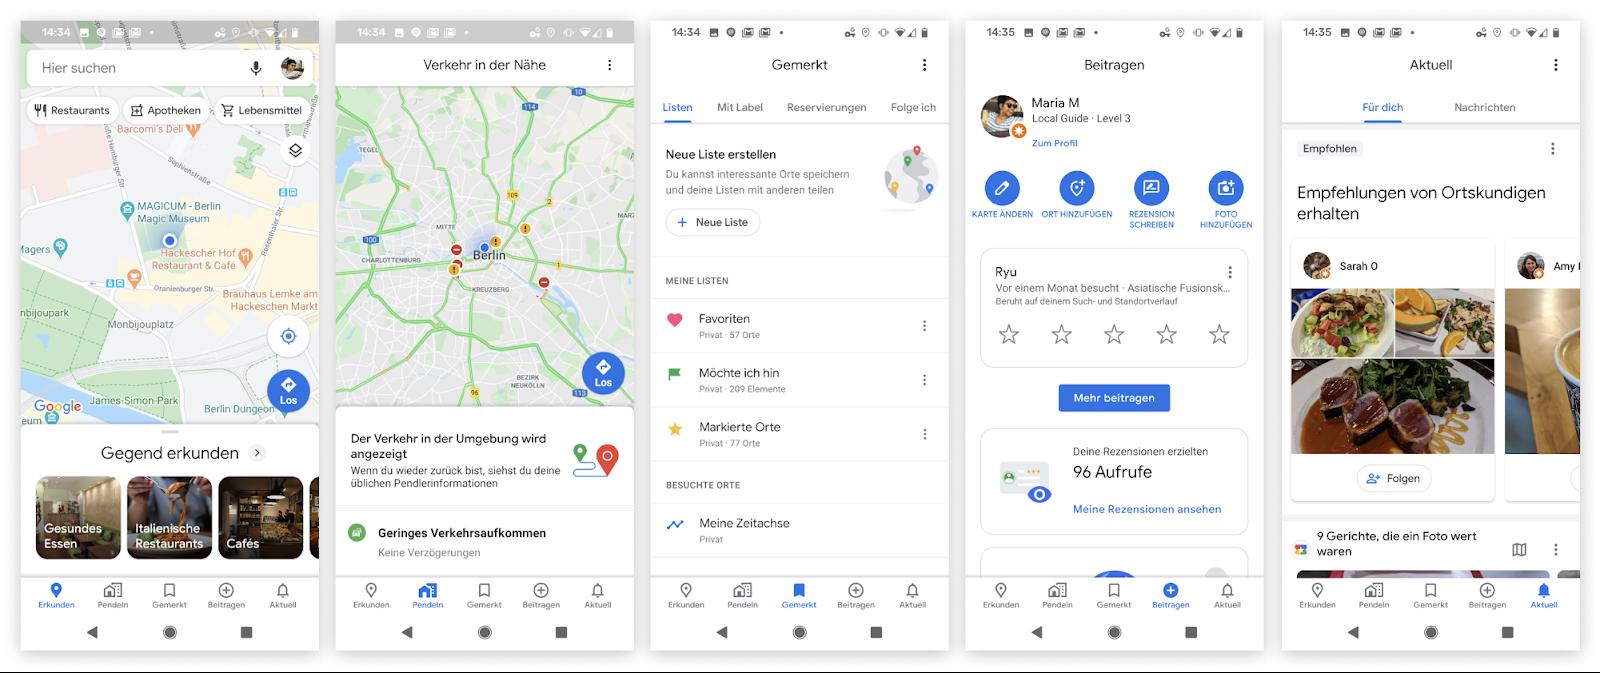 Verschiedene Google Maps Screenshots